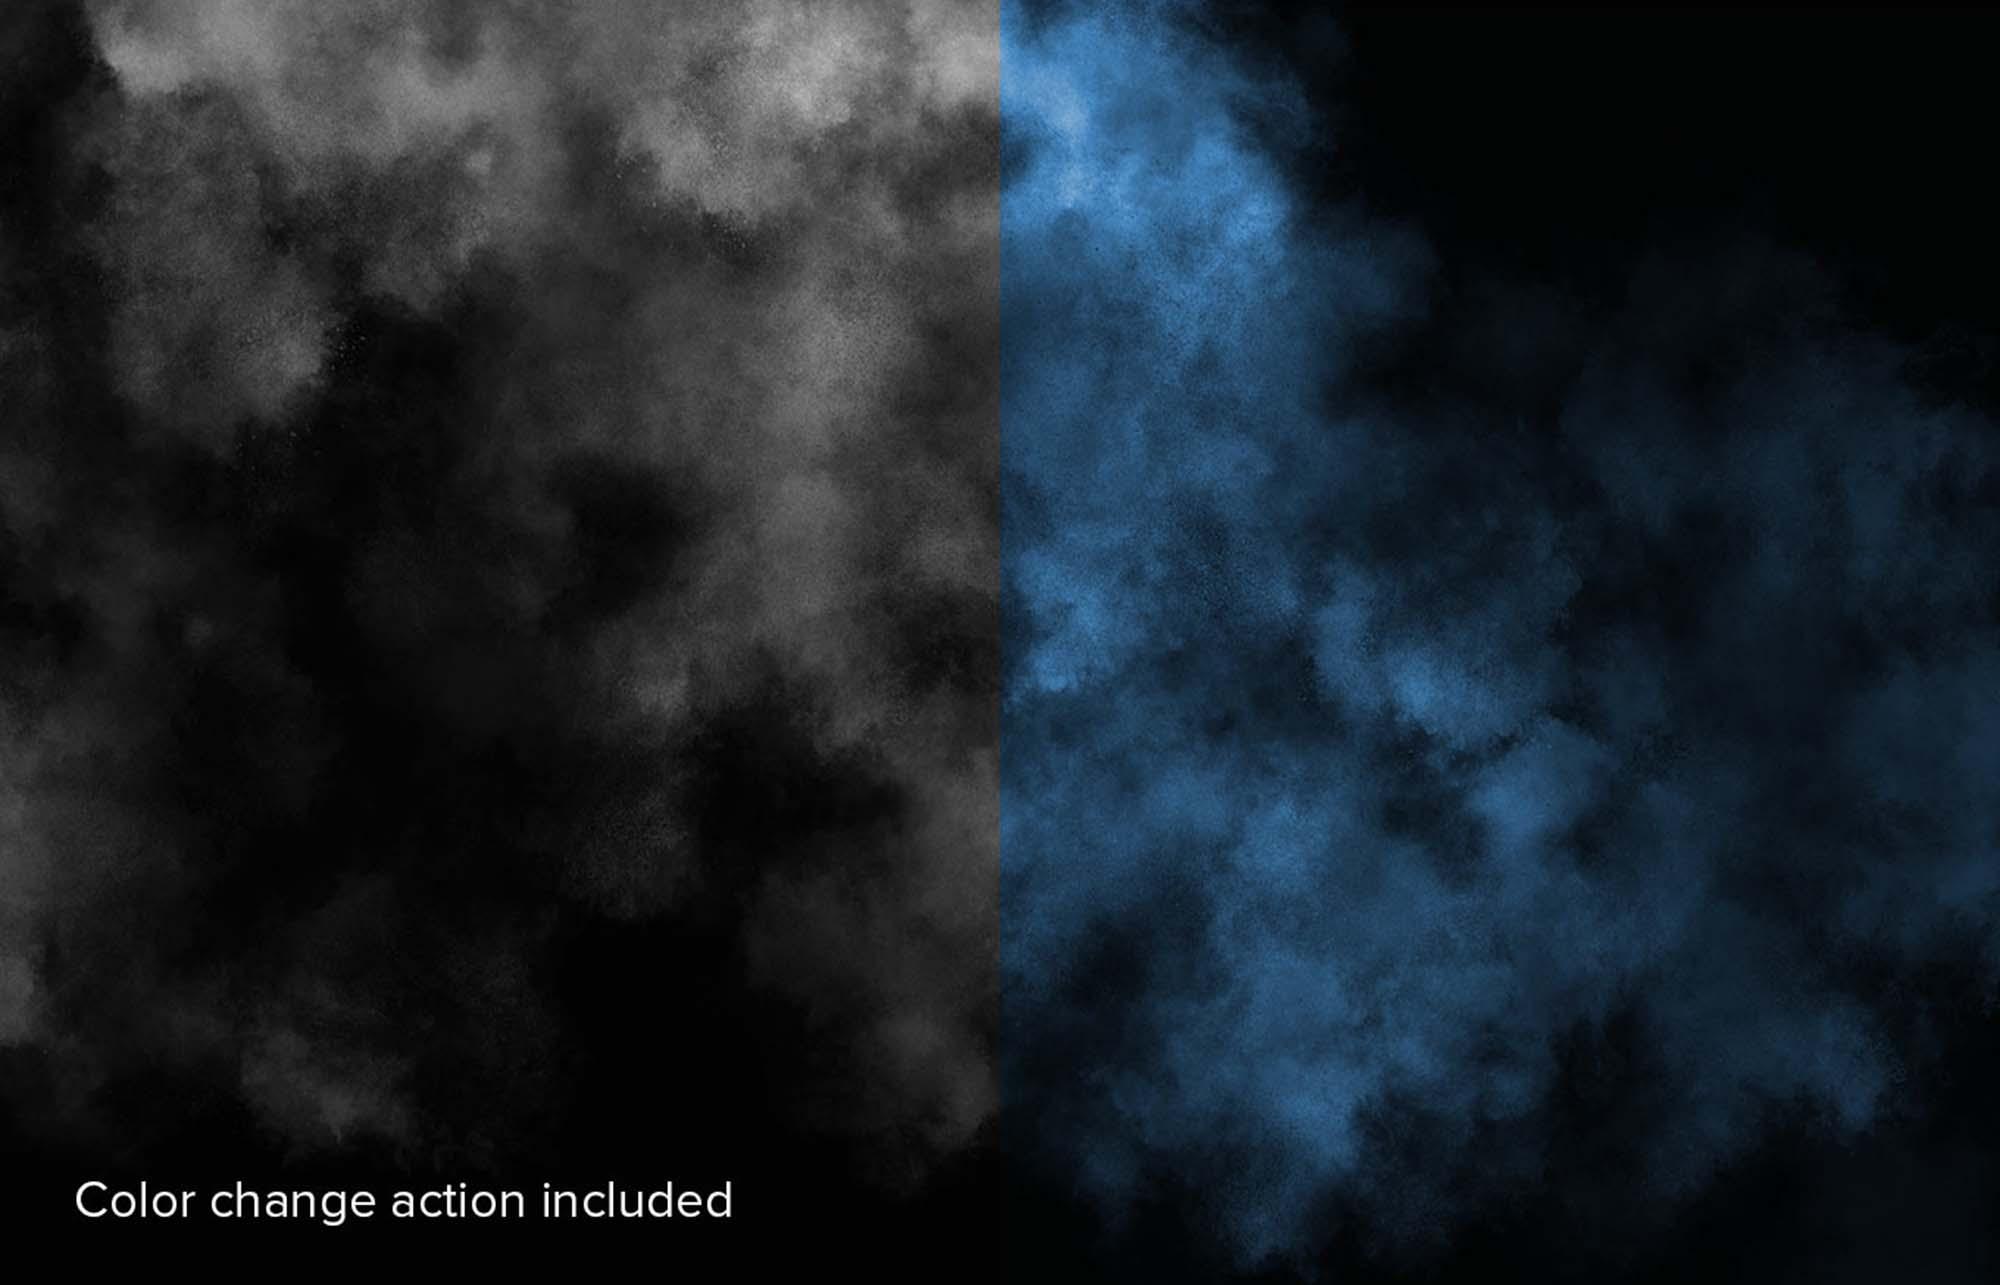 Mysterious Fog Effect Overlay